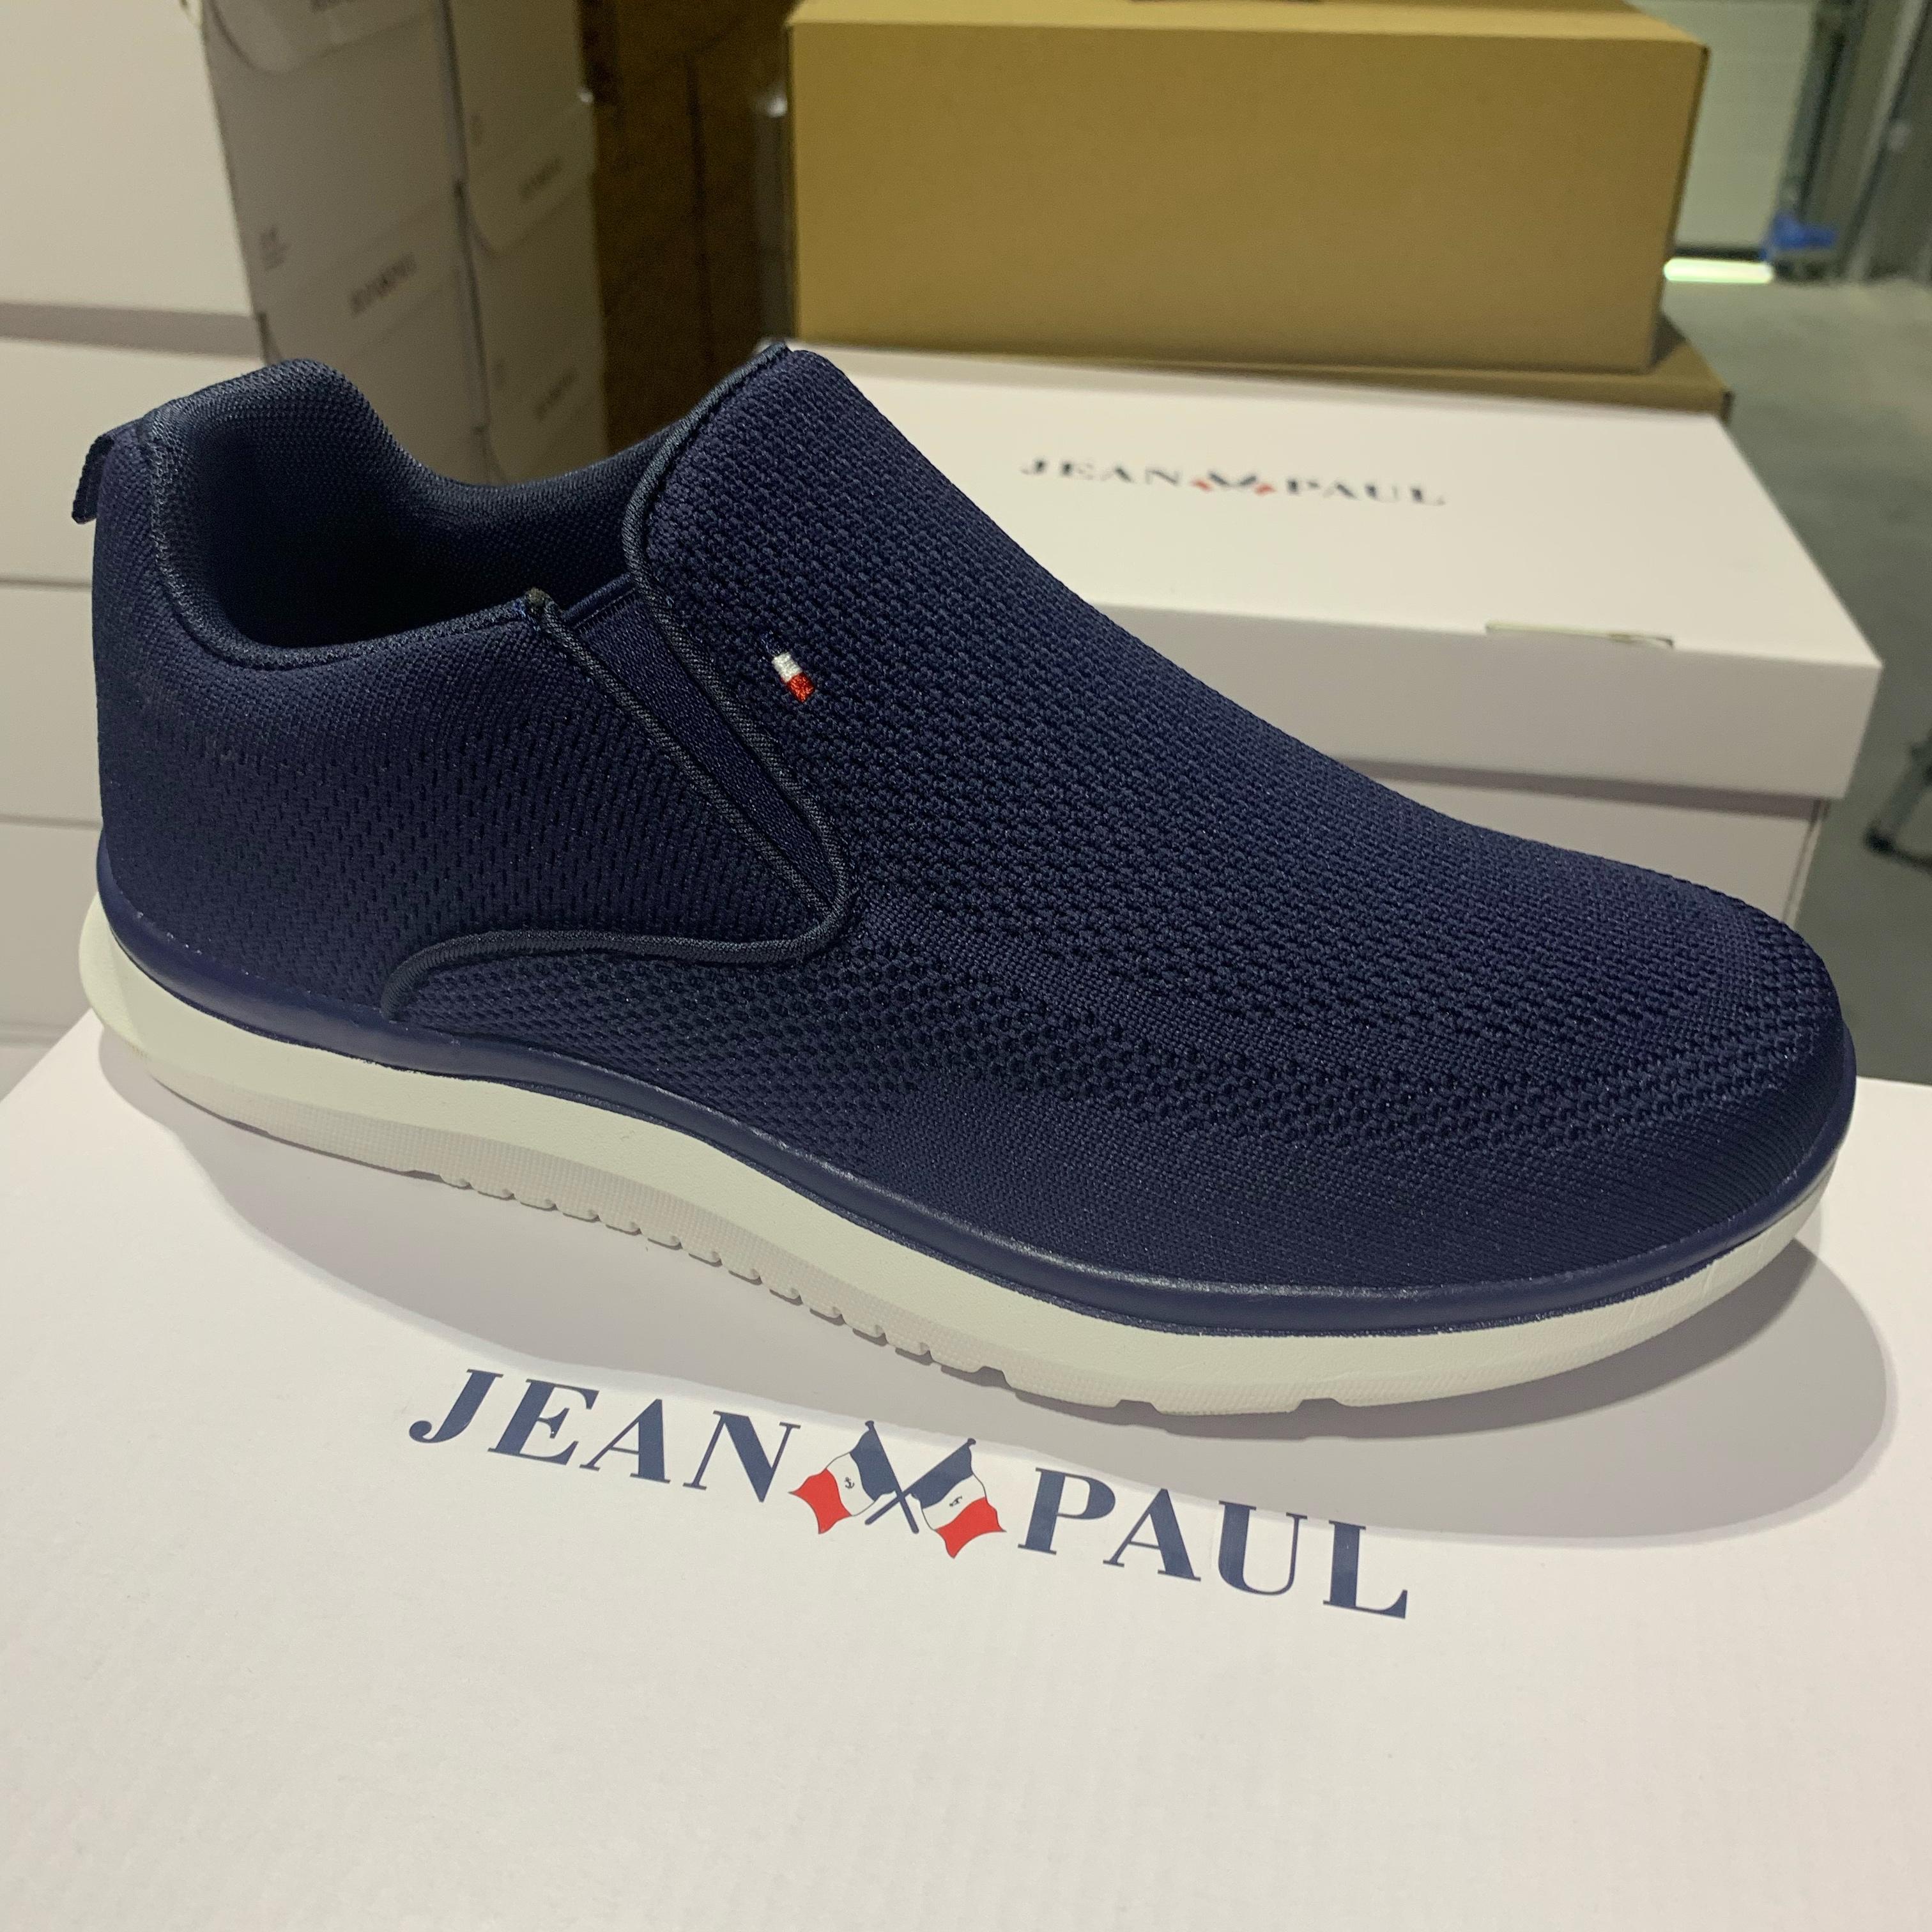 jean paul – terron navy —2